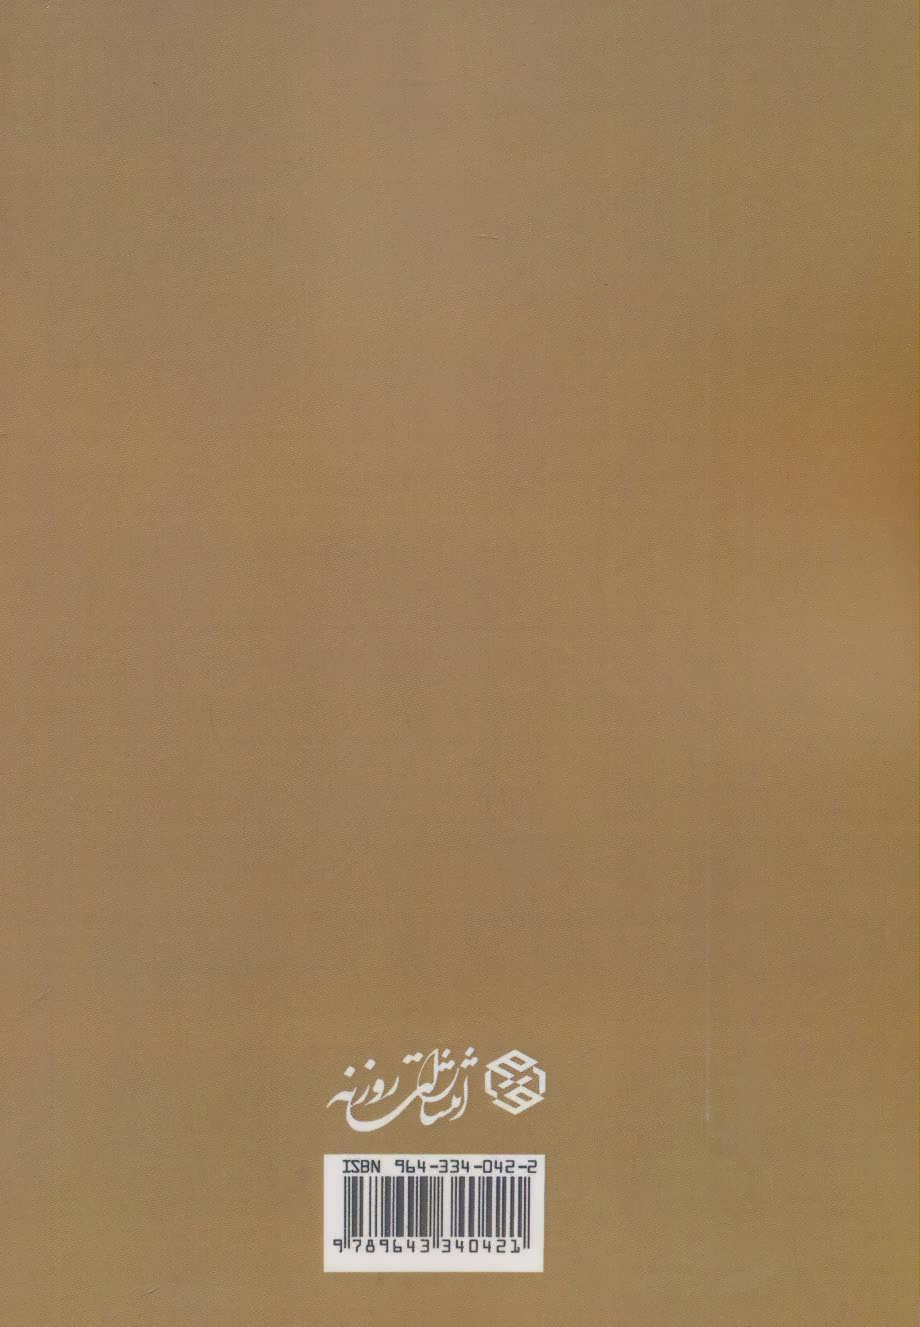 کیمیا 3 (دفتری در ادبیات و هنر و عرفان)